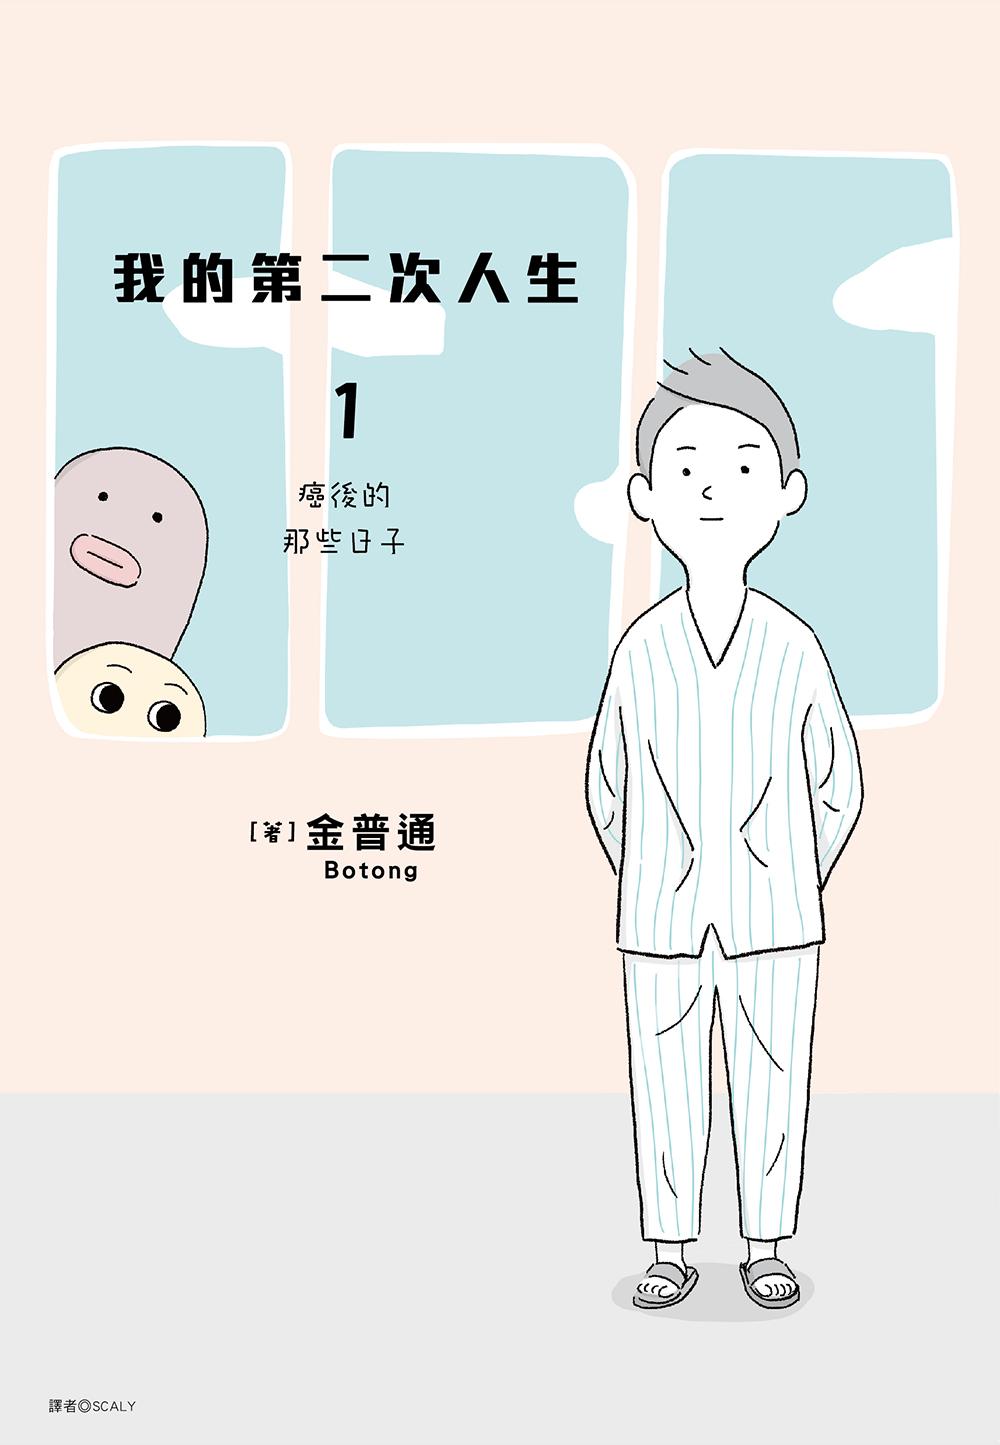 26歲的青年被宣告胃癌末期後展開的《我的第二次人生》 韓國超人氣療癒繪本描繪人生突變的衝擊與面對! Iayyuy10